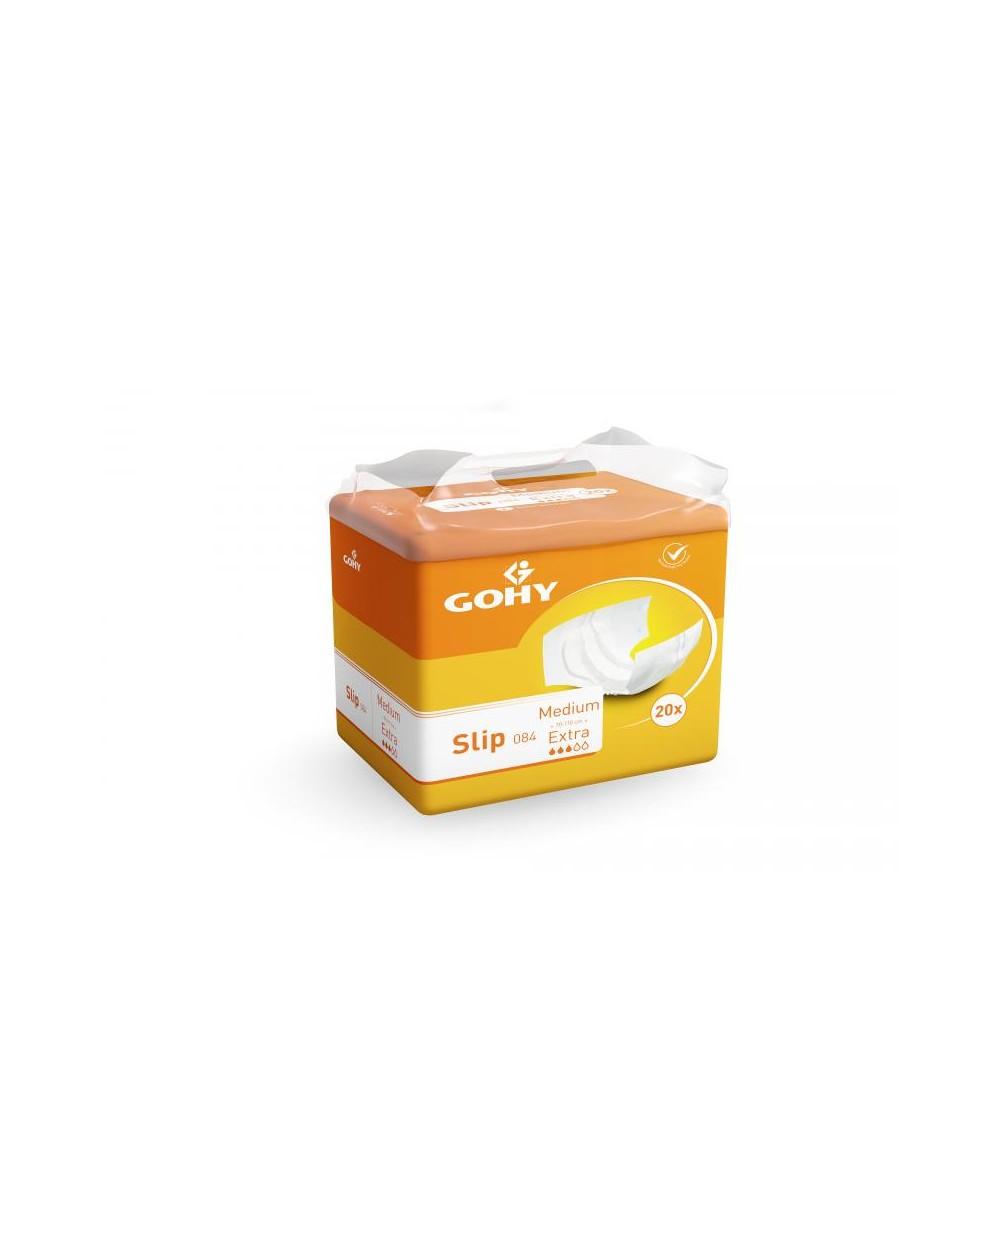 Échantillon Gohy Slip Extra Medium